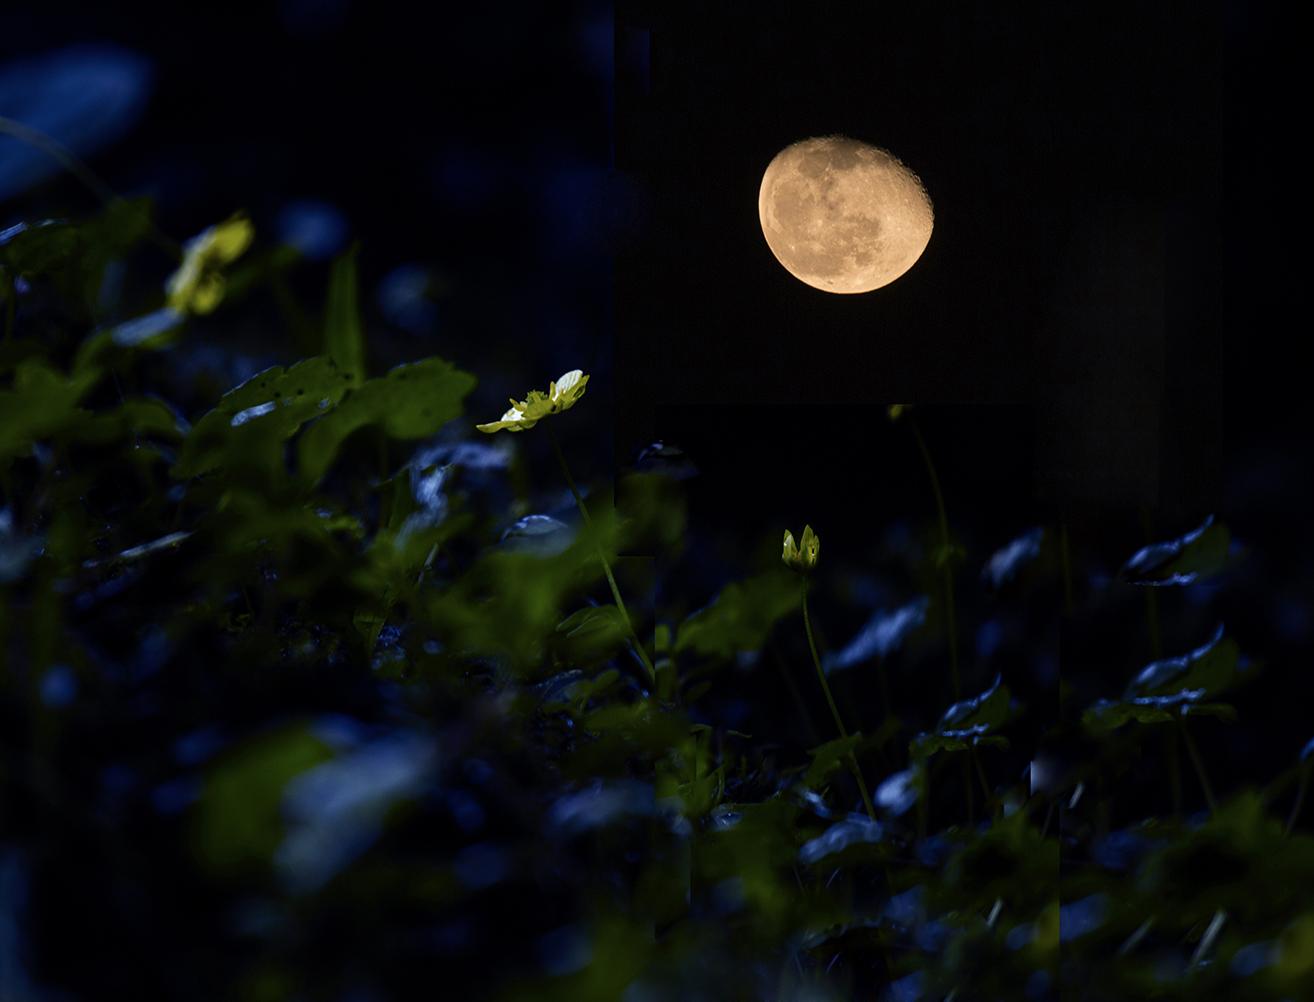 血月亮-2014摄影月赛-原创摄影